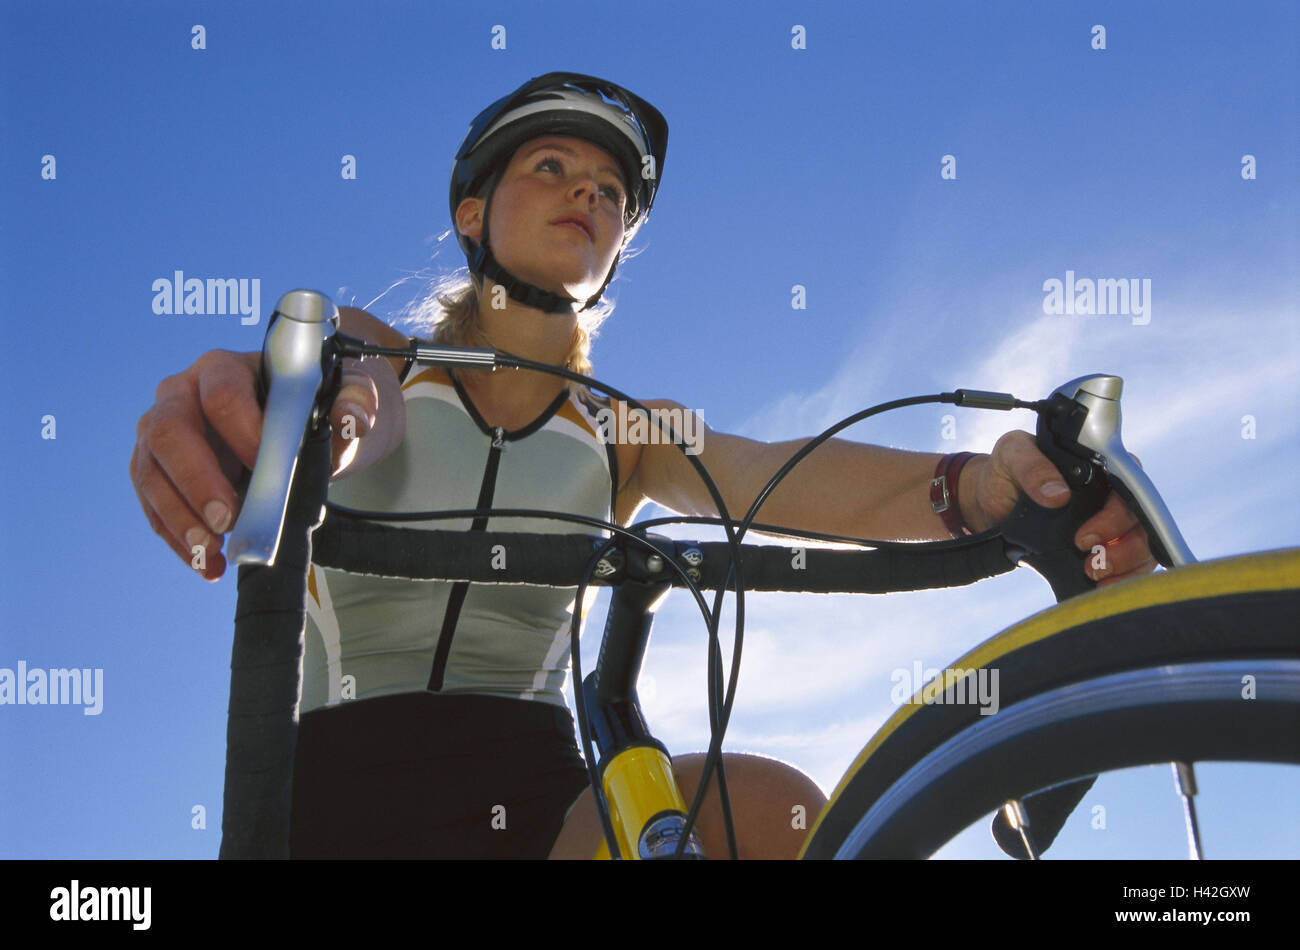 Ciclista, detalle, luz de fondo, desde abajo, sportswoman mujer, 20-30 años, racing radián, ciclista, tiempo libre, ocio, deporte, actividad física, el deporte de ocio, de excursión en bicicleta, paseos en bicicleta, Rennradfahren, conducción de bicicletas, salud, fitness, formación, condición, verano, perspectiva. Foto de stock